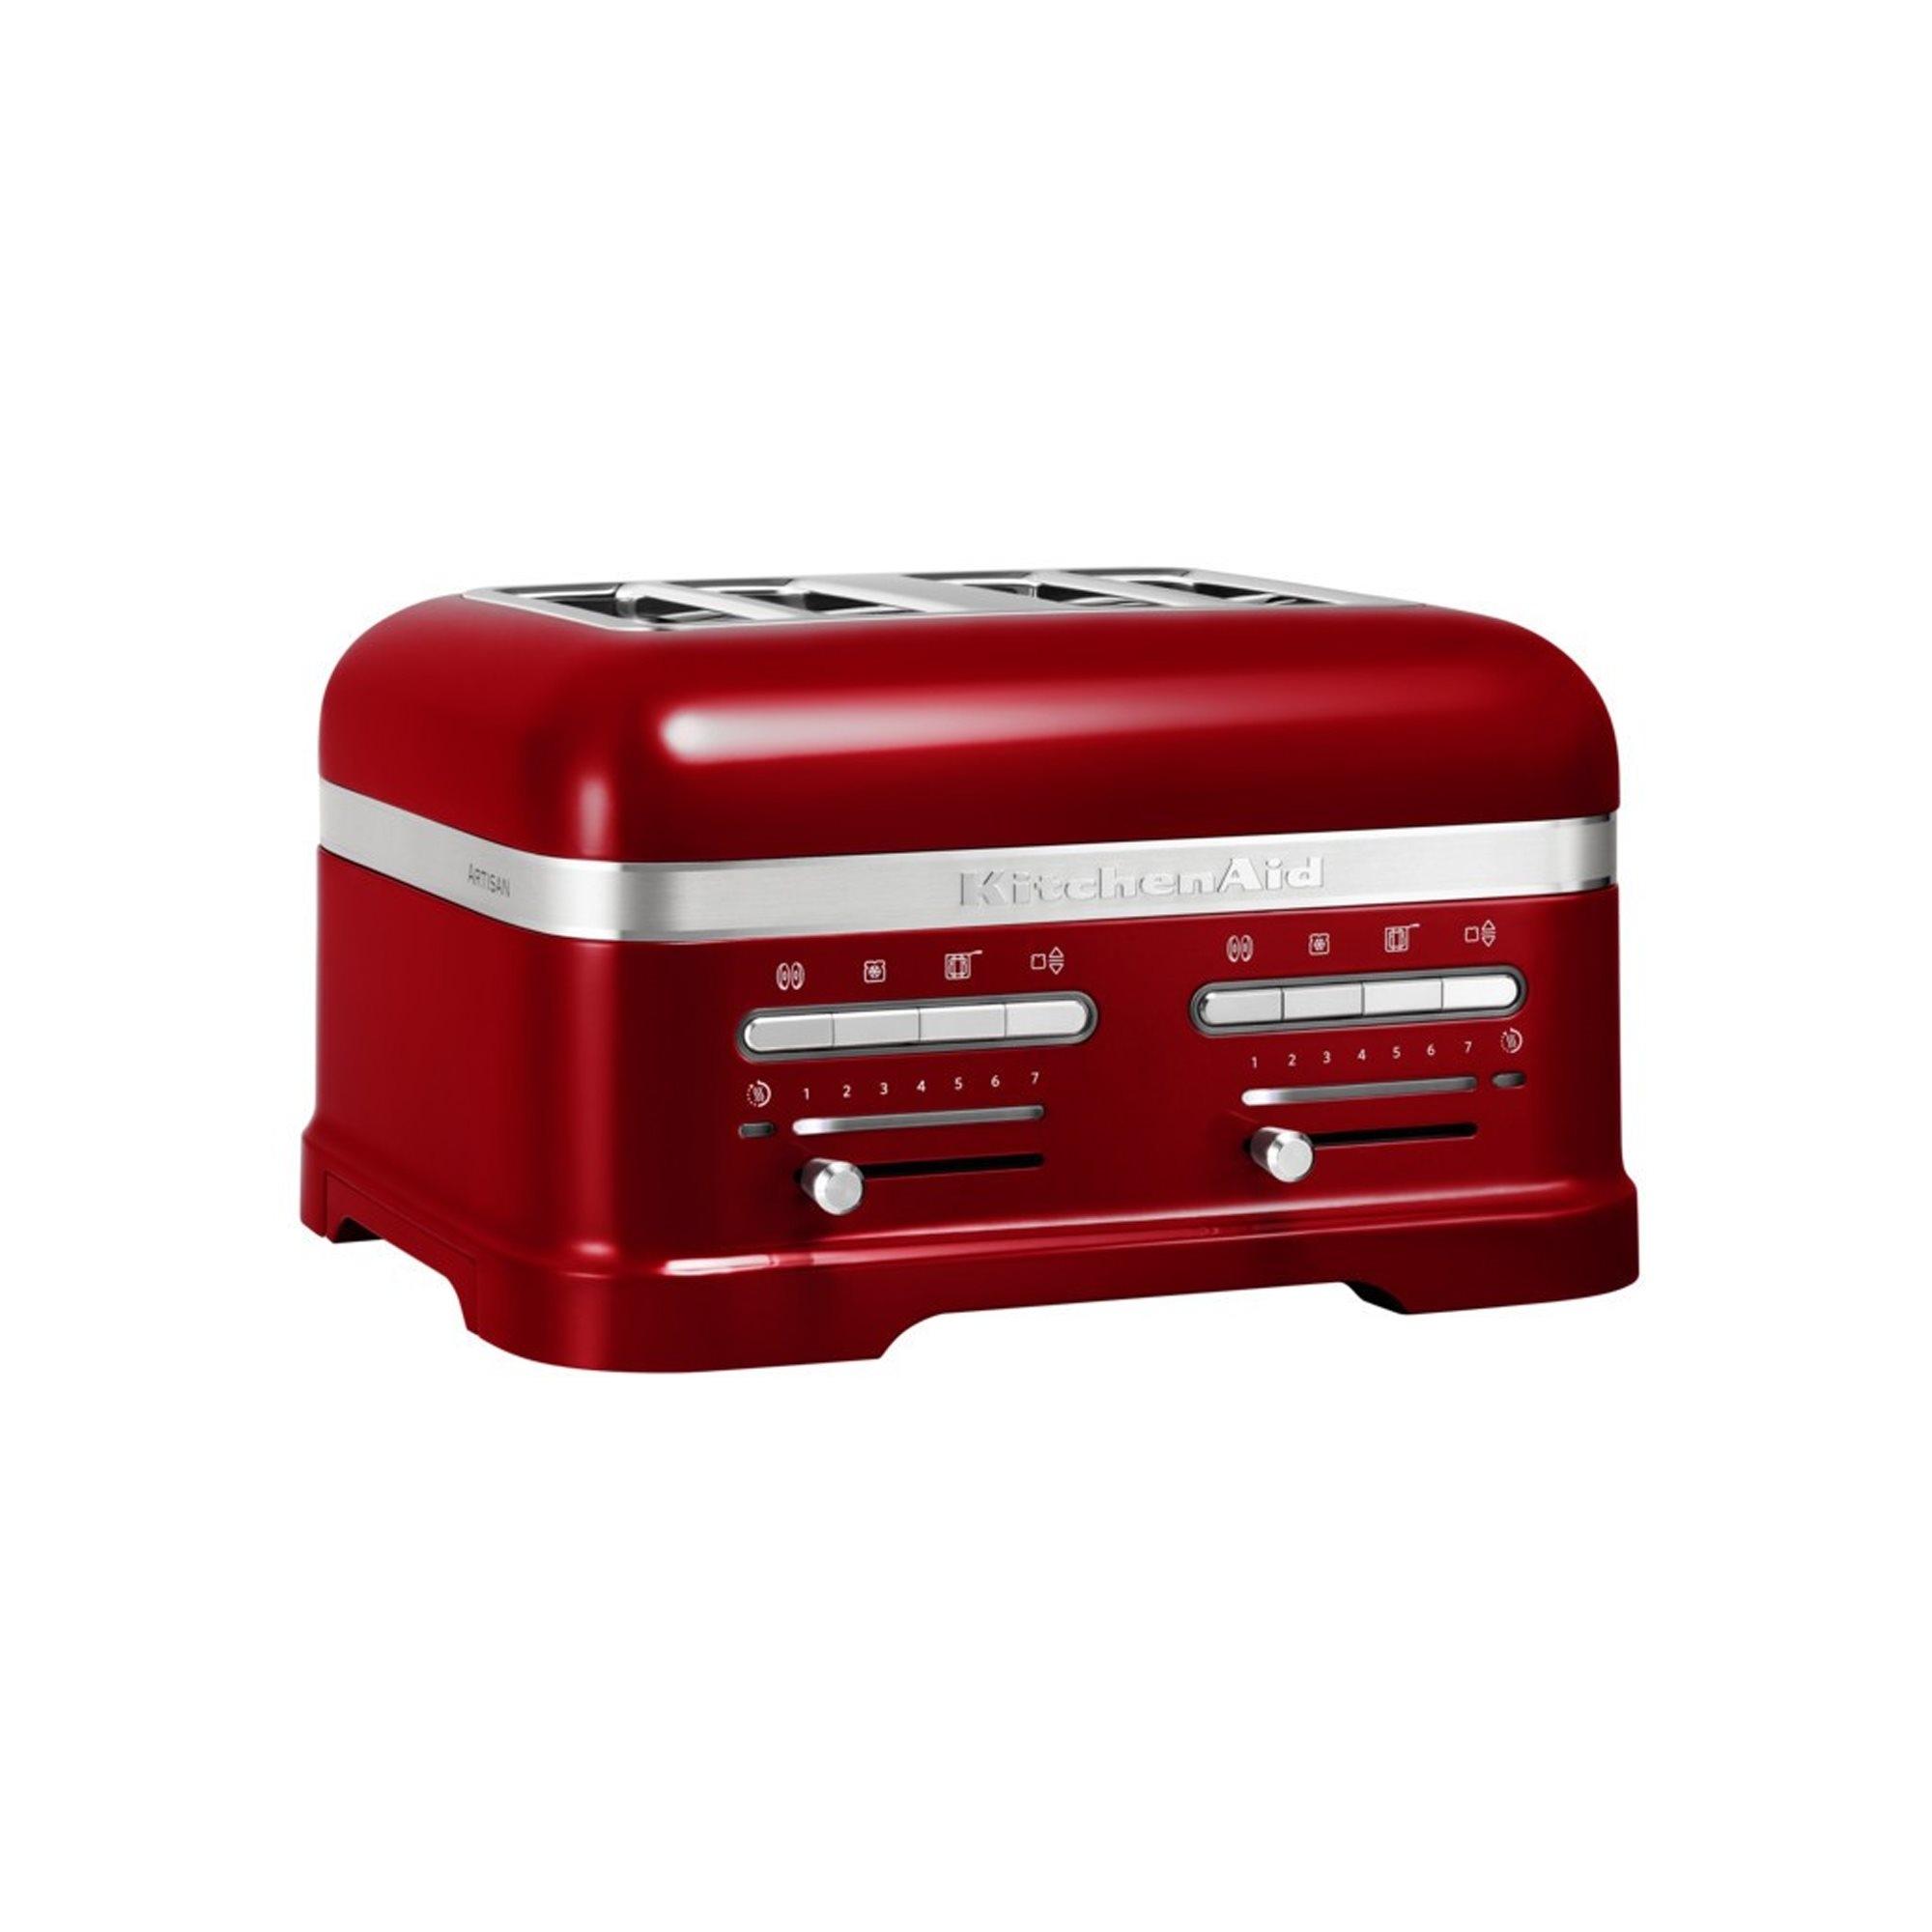 Toaster 4 sloturi Artisan 5KMT4205E, 2500W, KitchenAid imagine 2021